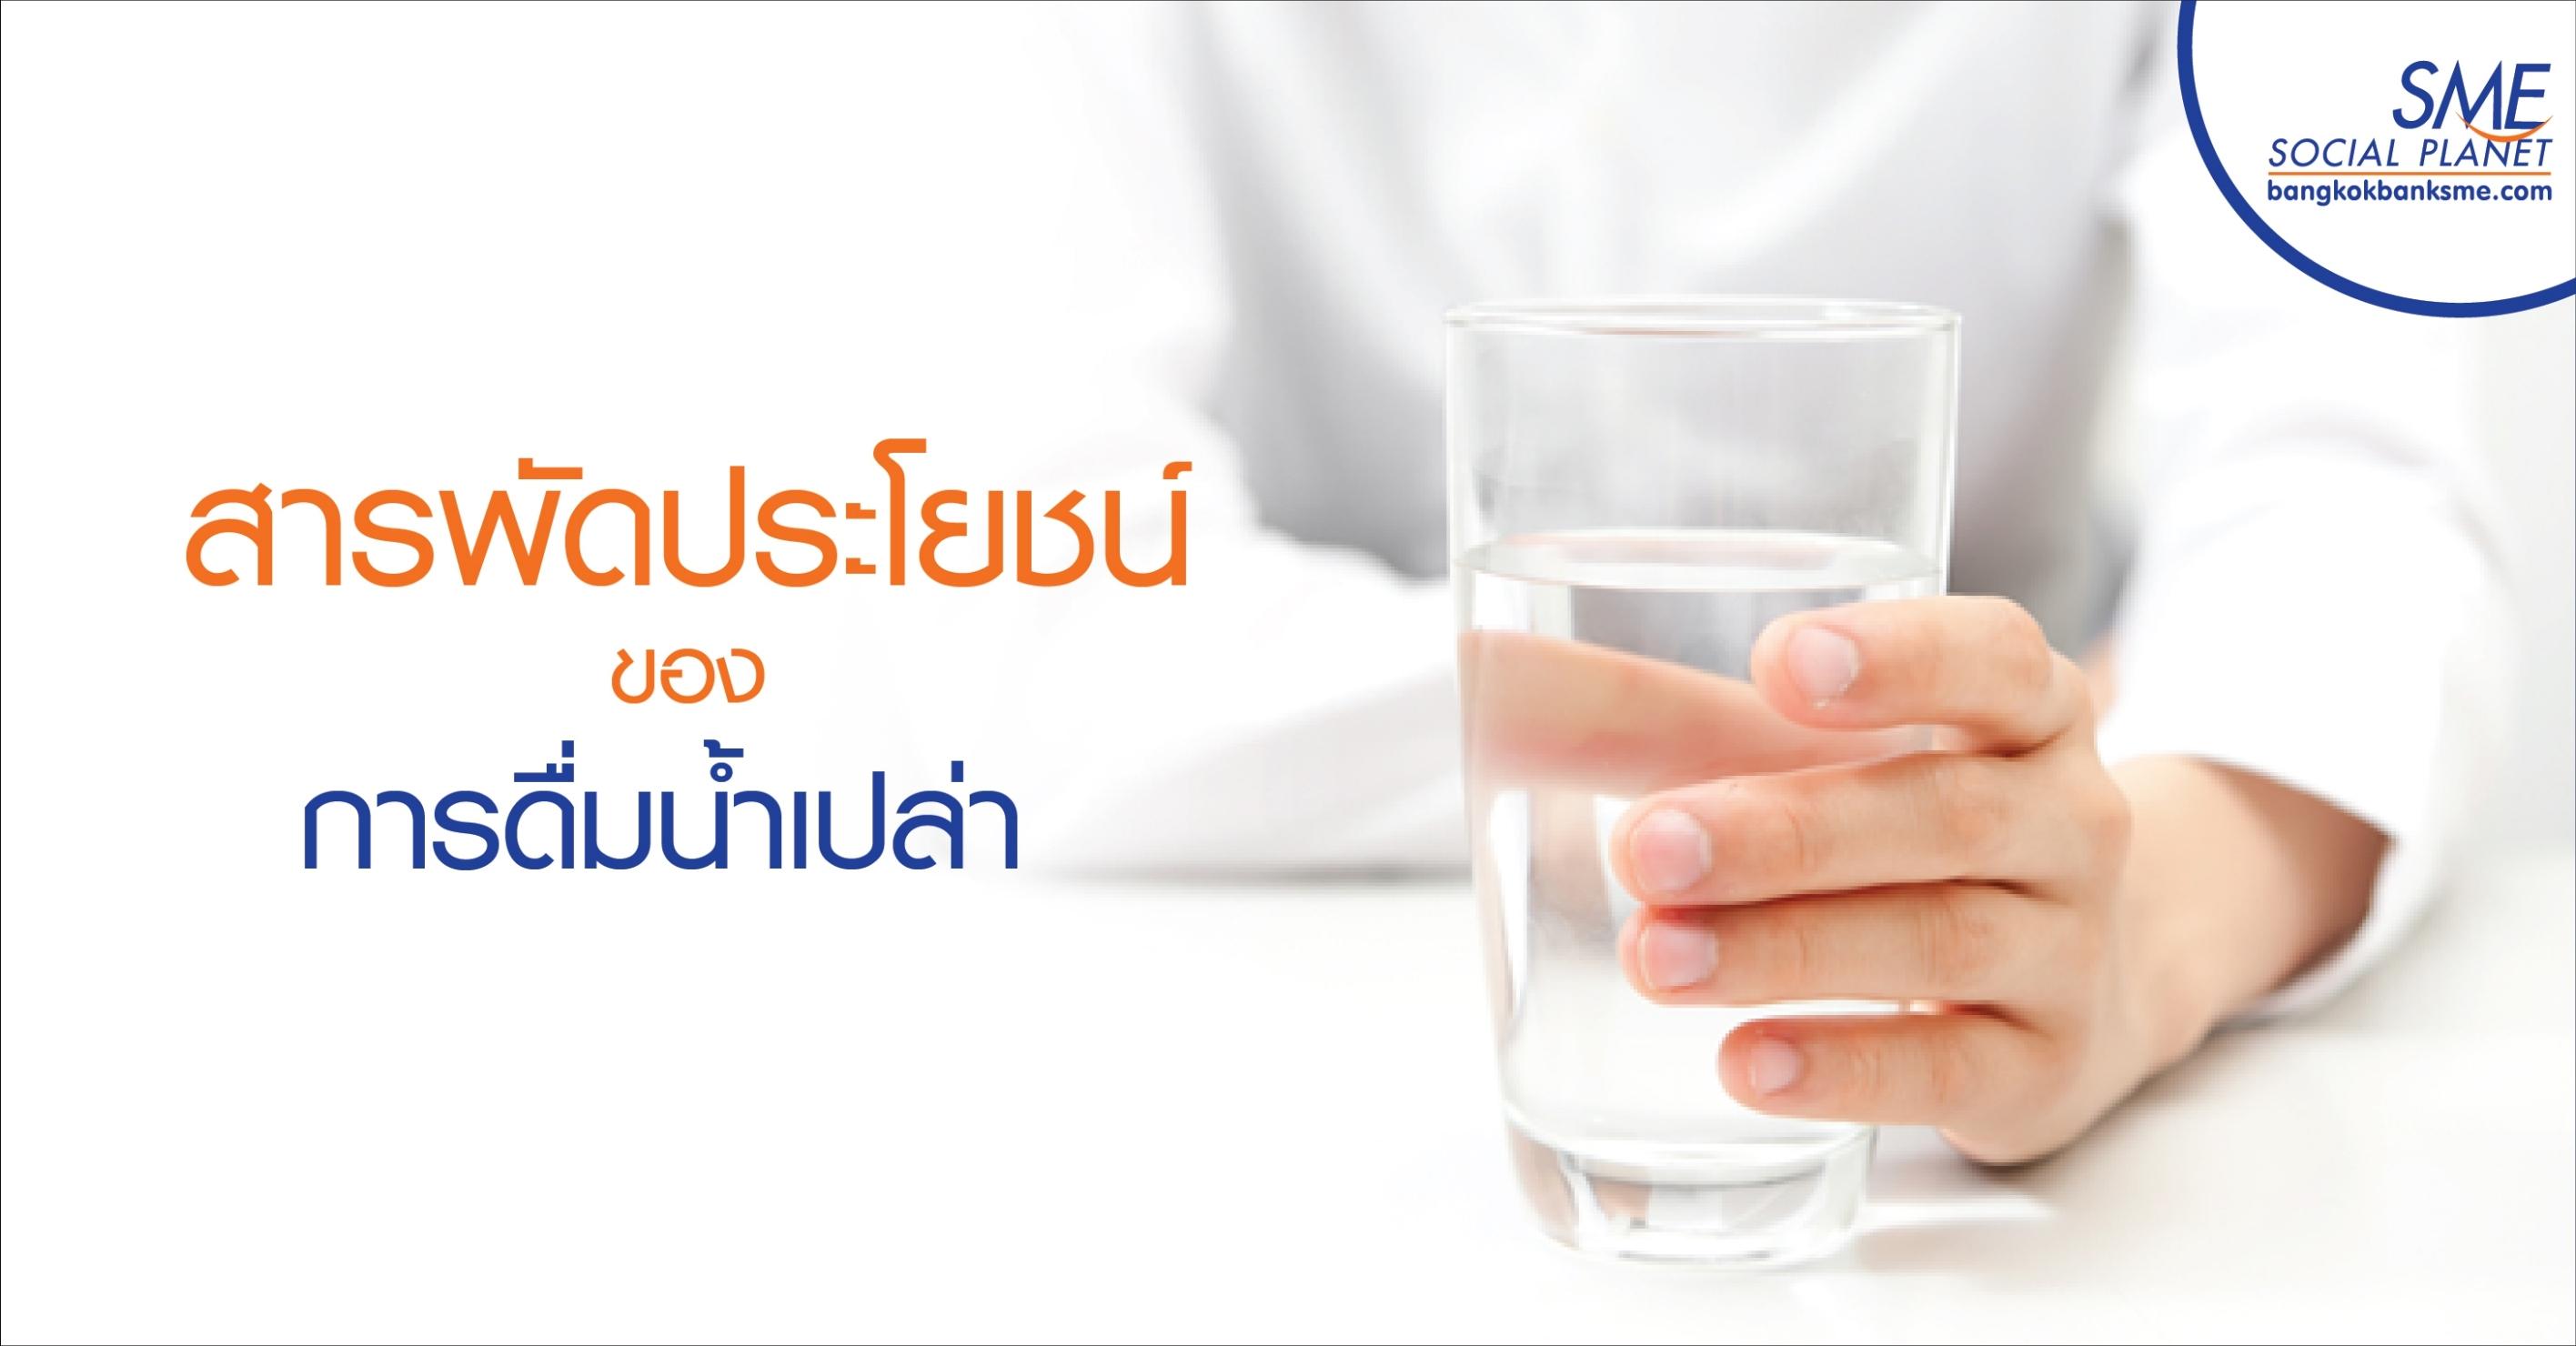 สารพัดประโยชน์ของการดื่มน้ำเปล่า